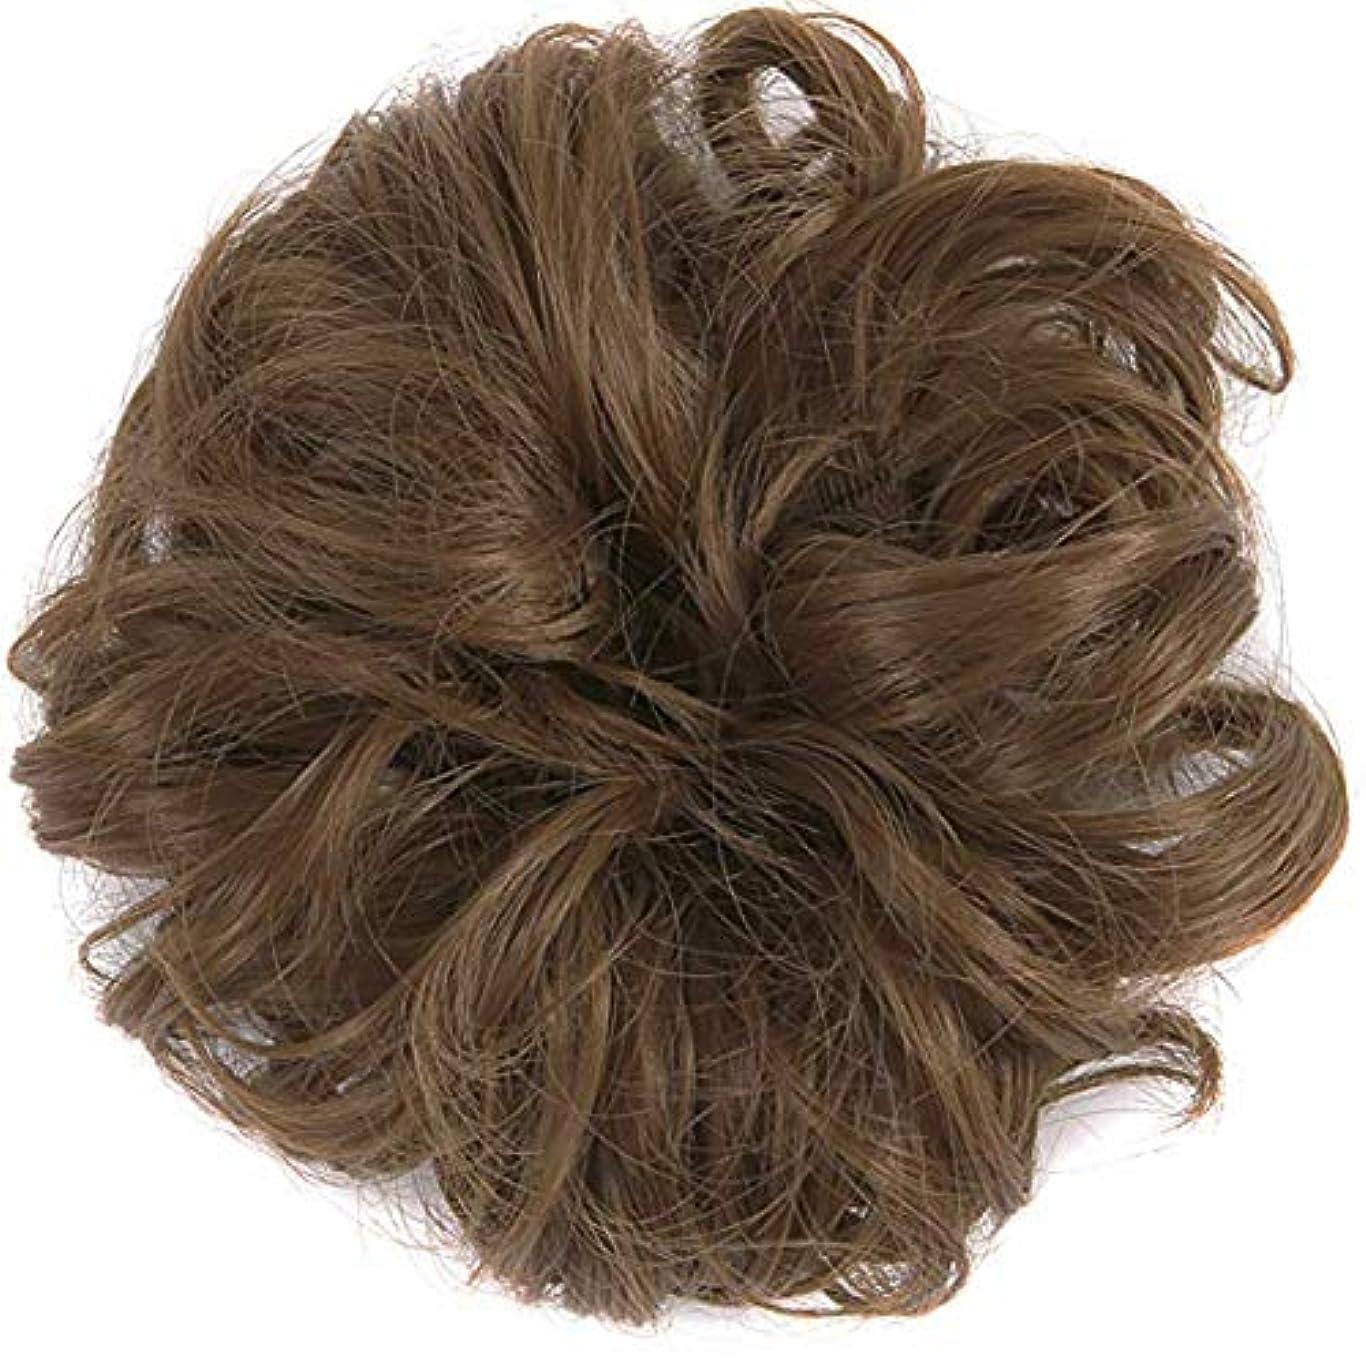 姪履歴書甘やかすテープループバンズバンズの女性と少女汚い波状ヘアエクステンションの毛のかつらは、かつら(ライトブラウン)ポニーテール